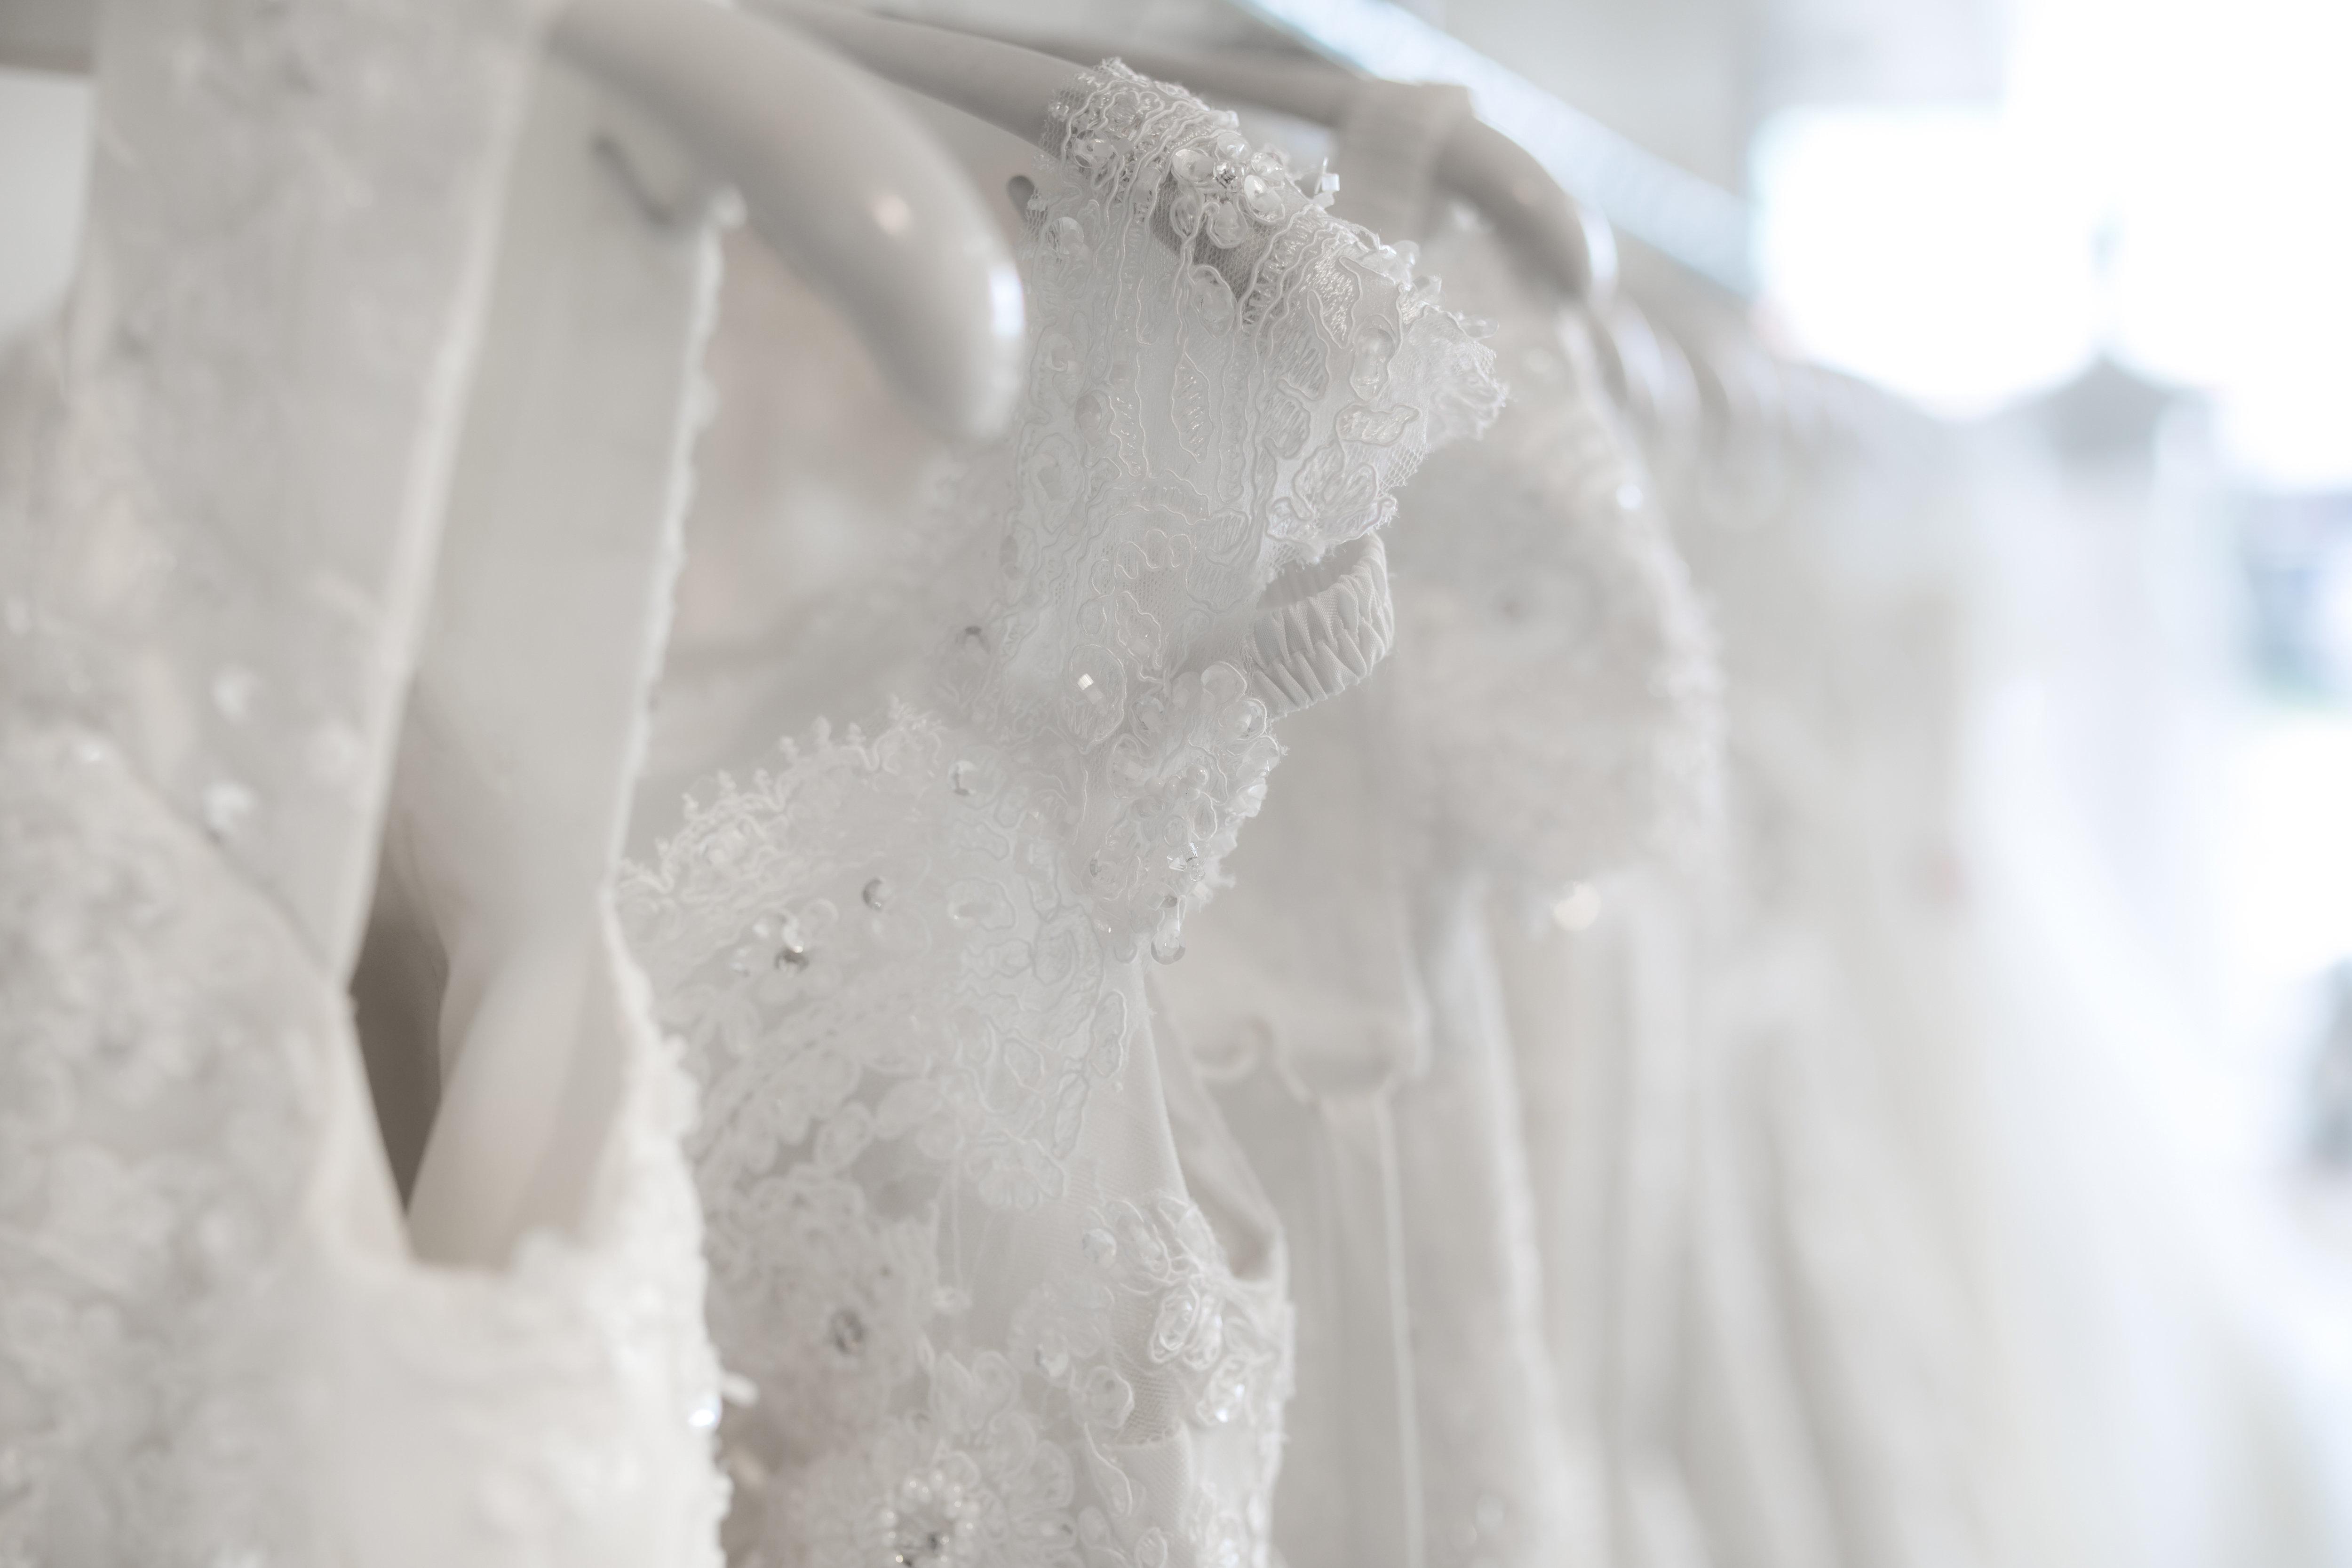 Hochzeit: 5 Wege, wie ihr euer Brautkleid wiederverwerten könnt